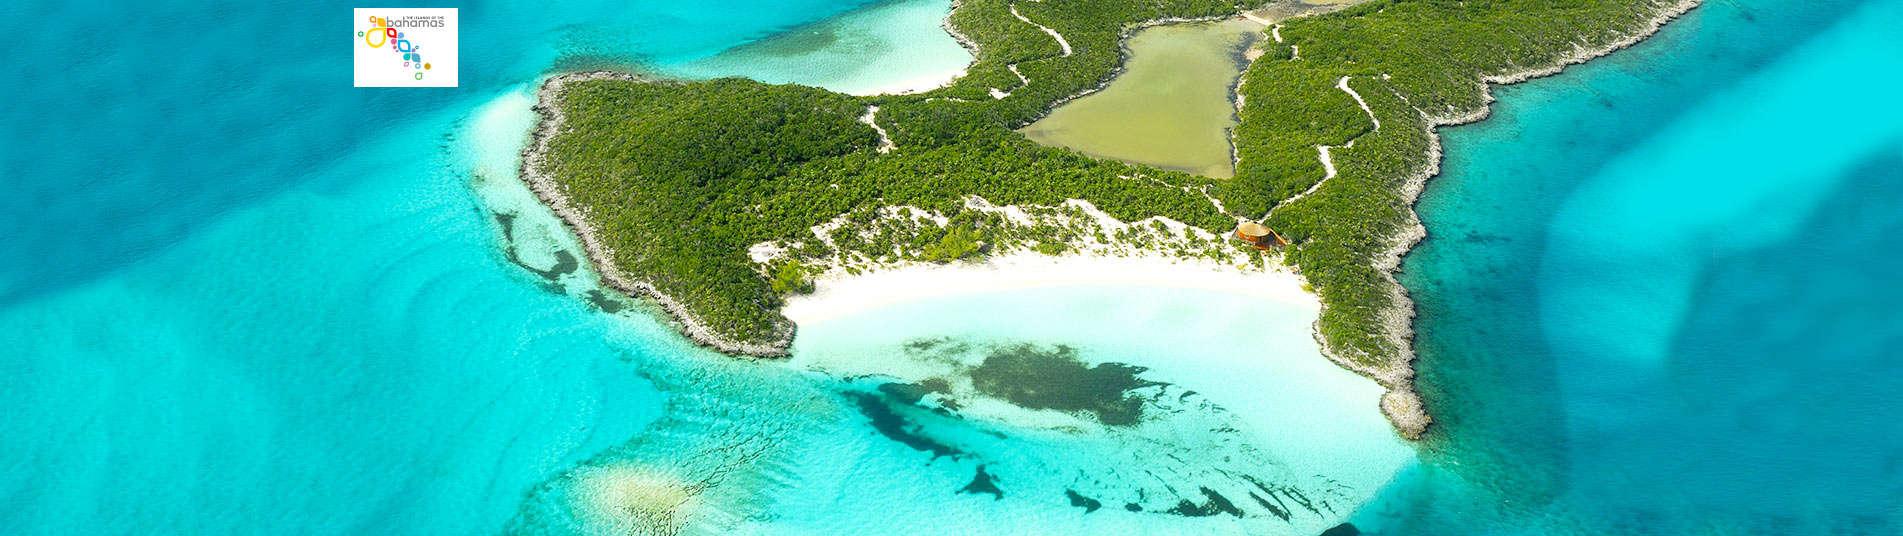 Les iles des Bahamas